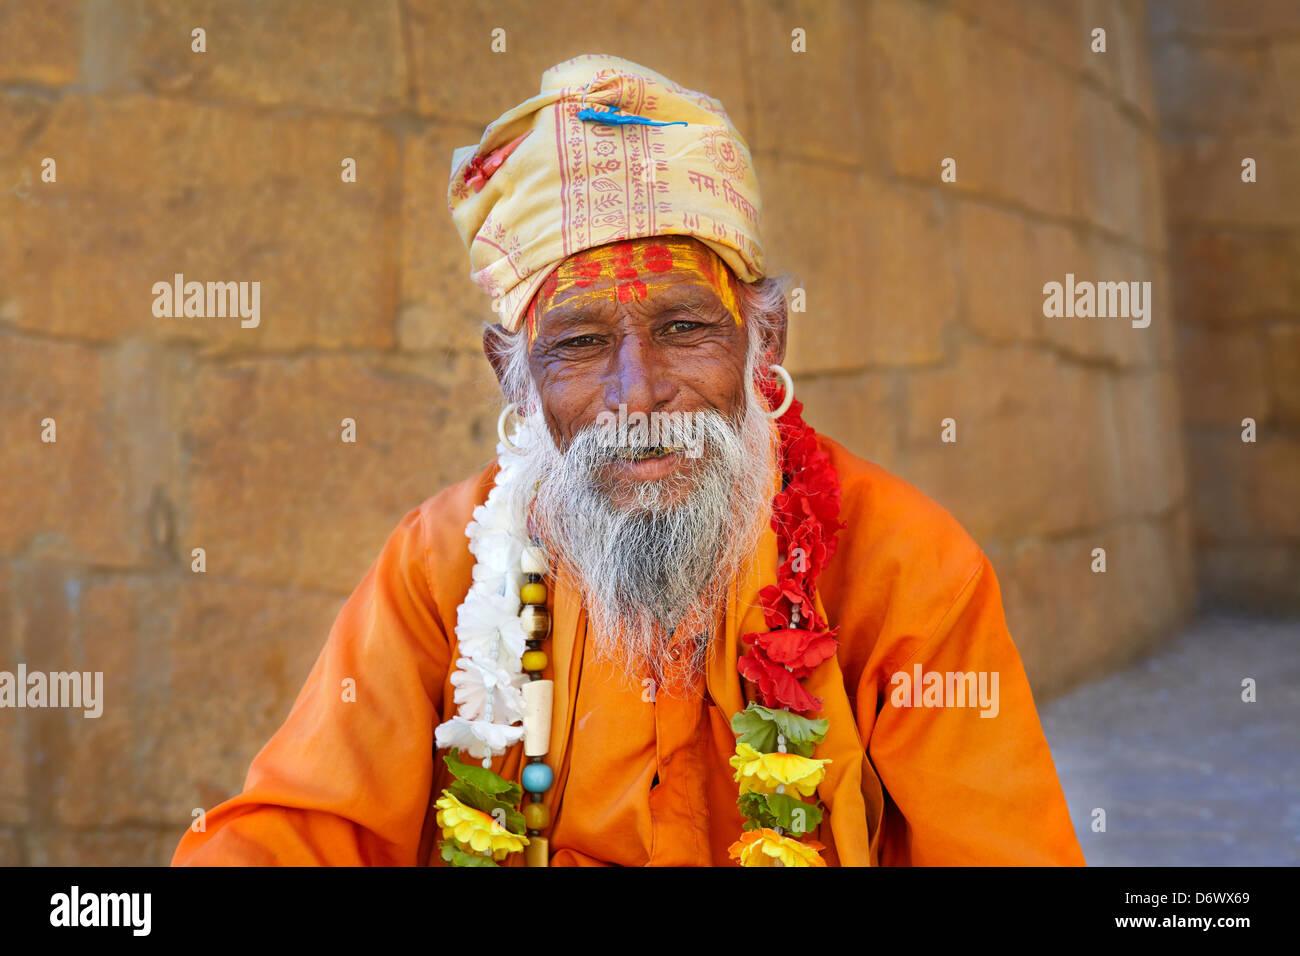 Portrait of India Hindu Holy Man, Sadhu, Jaisalmer Fort, Rajasthan, India - Stock Image